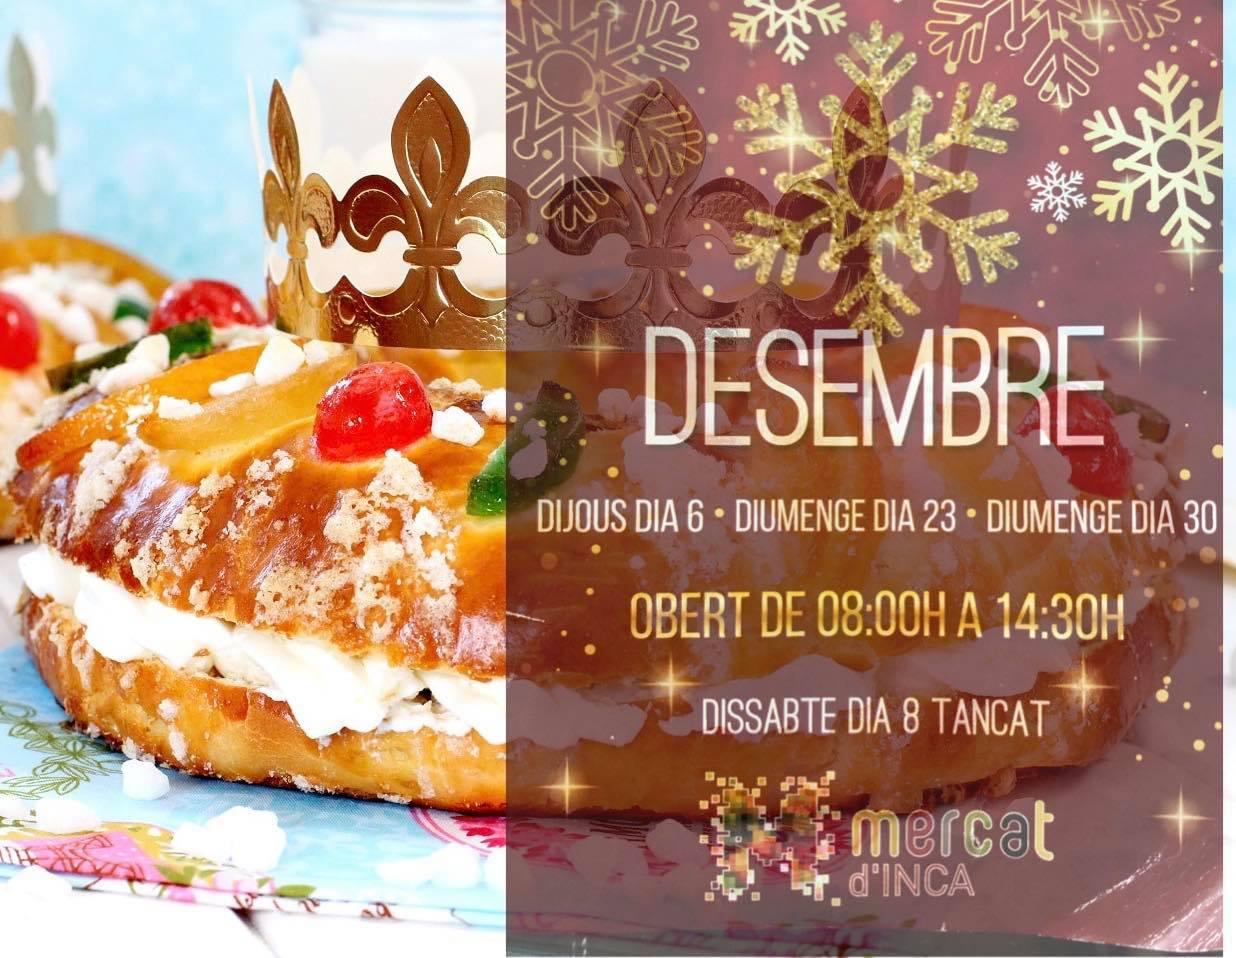 Obrim els dies 23 i 30 de desembre